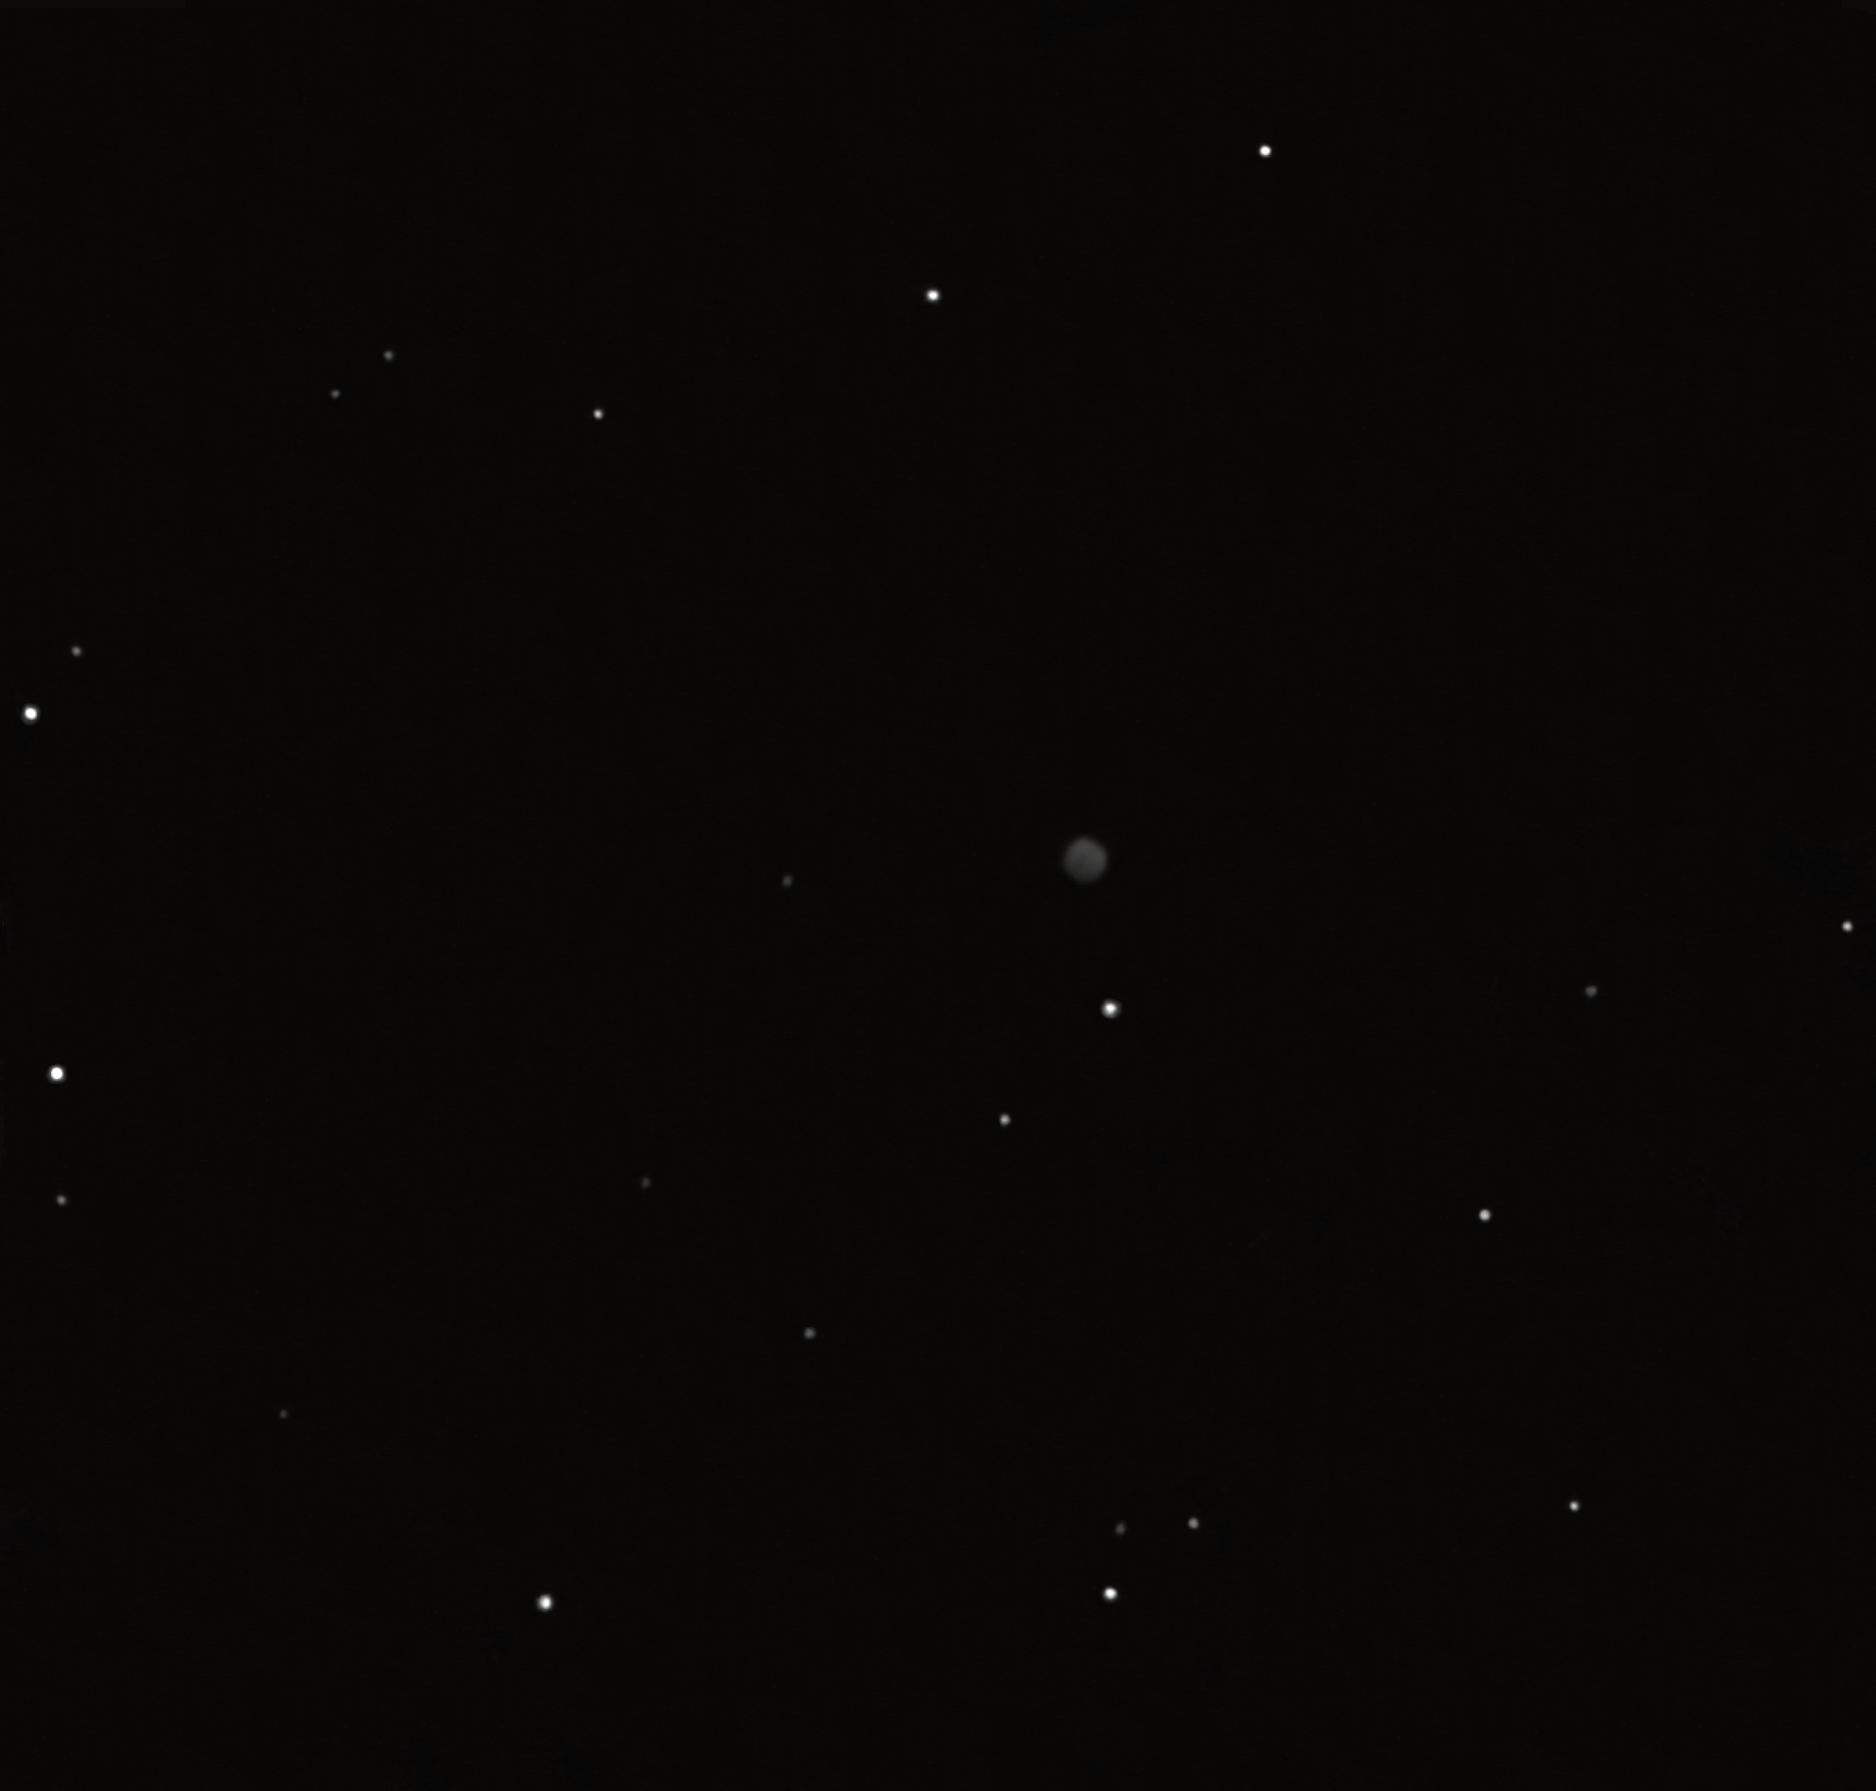 PK232-1.1 planetary nebula